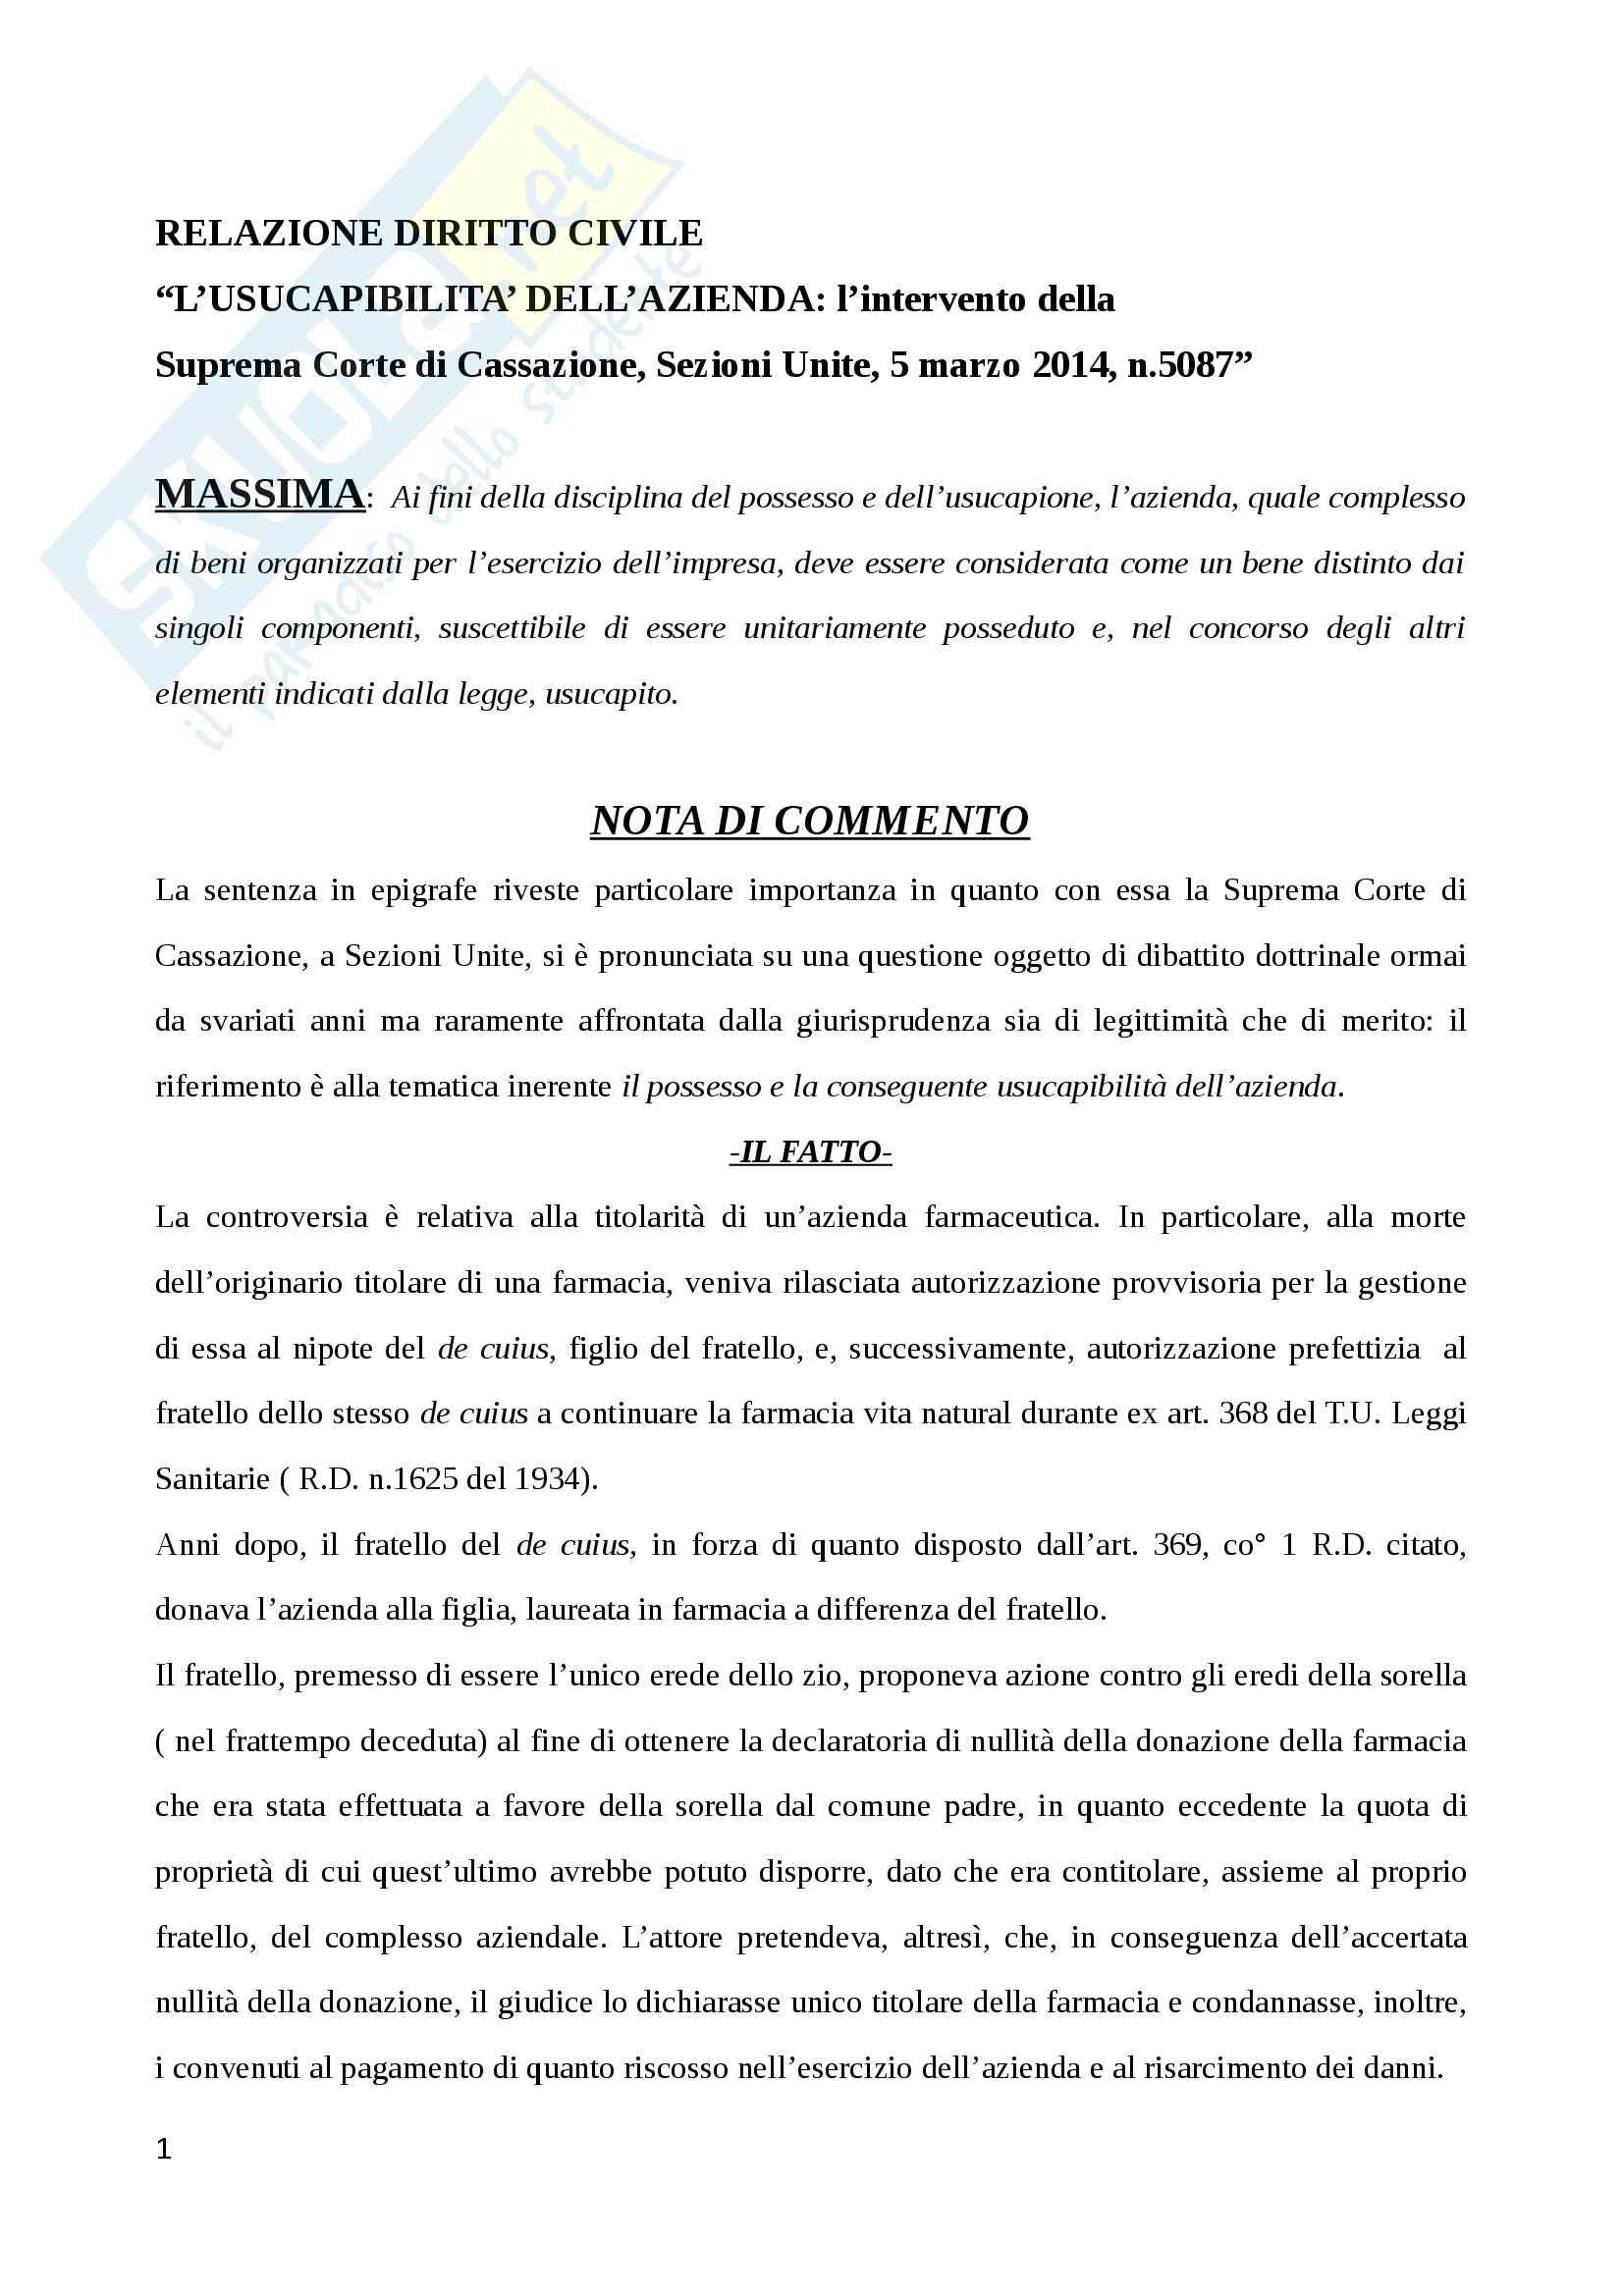 Usucapibilità dell'azienda, Diritto civile